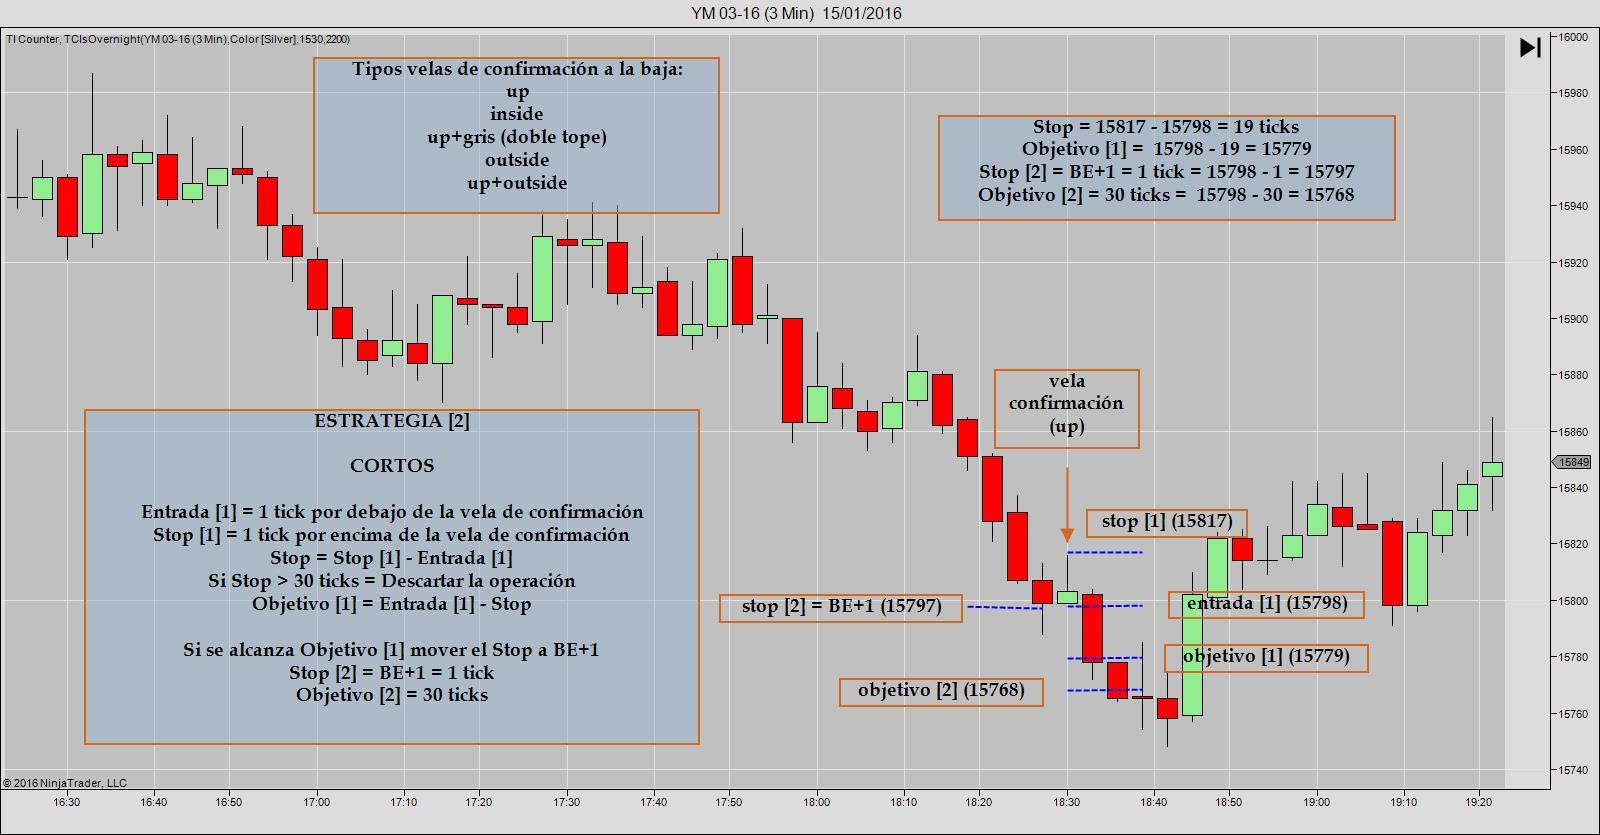 TP 1 05B Estrategia [2] Cortos